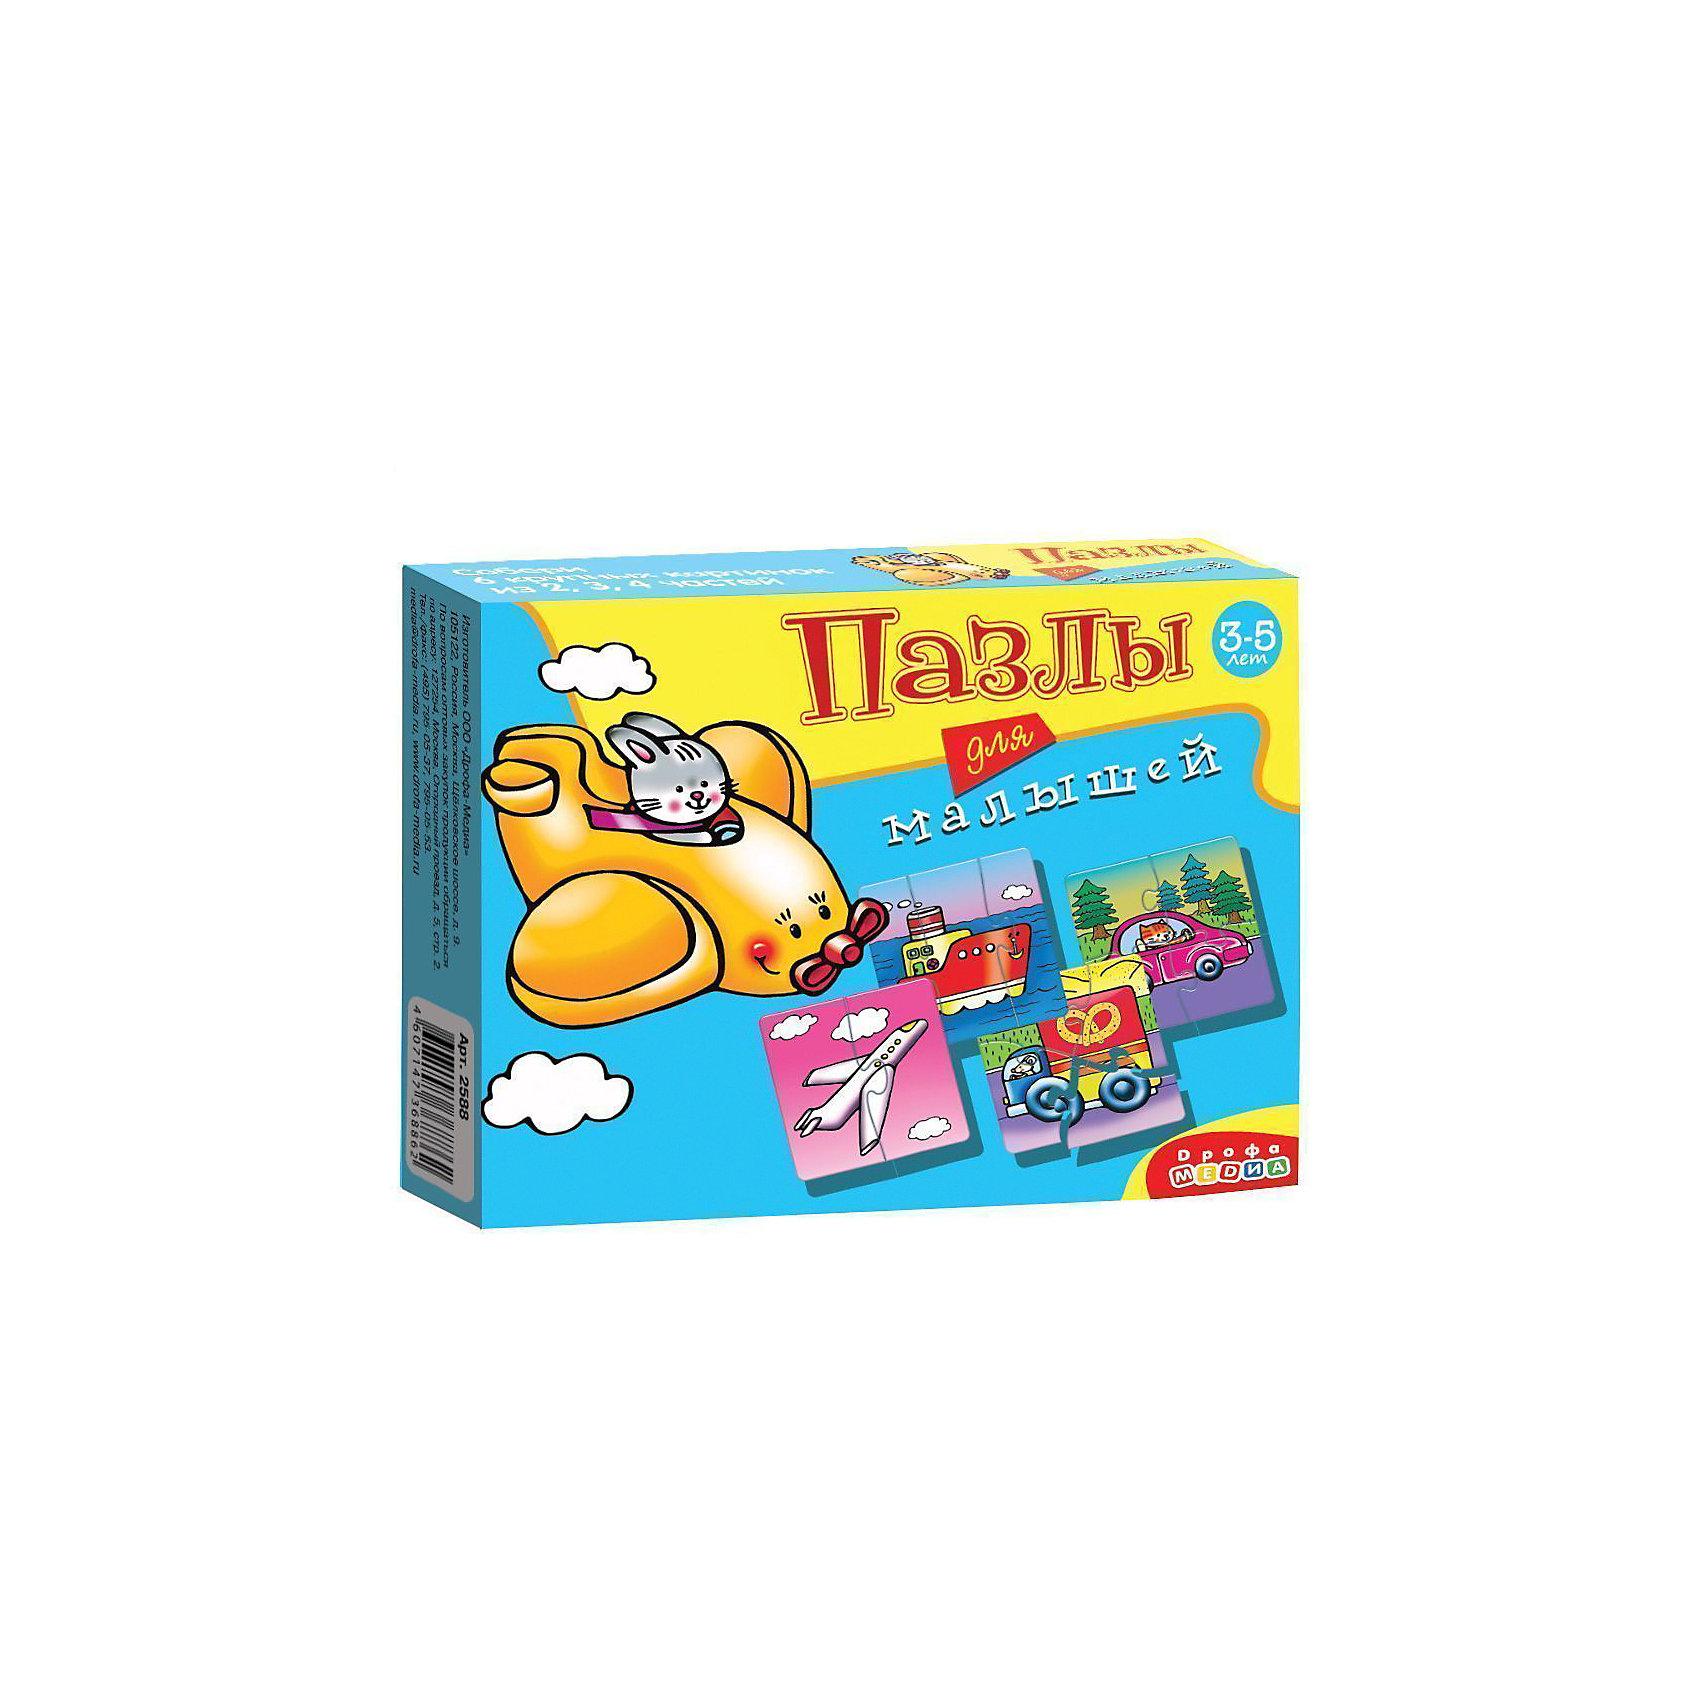 Пазлы для малышей, Дрофа-МедиаПазлы для малышей<br>Пазл для малышей прекрасно подходит для первого знакомства малыша с мозаикой, способствует формированию навыка соединения целого изображения из двух, трёх и четырех элементов. В игре набор из шести изображений  (самолет, автомобиль, грузовик, пароход), состоящих из крупных деталей, которые соединяются с помощью пазлового замка. Игры этой серии помогают в развитии зрительного восприятия, мелкой моторики и координации движений рук, наглядно-образного мышления, памяти и внимания.<br><br>Дополнительная информация:<br><br>- материал: картон<br>- количество картинок: 6 шт -  (из 2-х, 3-х, 4-х частей)<br>- размер упаковки: 17х13х3  см<br>- масса: 94 г<br><br>Пазлы для малышей (2588), Дрофа-Медиа можно купить в нашем магазине.<br><br>Ширина мм: 170<br>Глубина мм: 130<br>Высота мм: 30<br>Вес г: 105<br>Возраст от месяцев: 36<br>Возраст до месяцев: 84<br>Пол: Унисекс<br>Возраст: Детский<br>SKU: 3381974